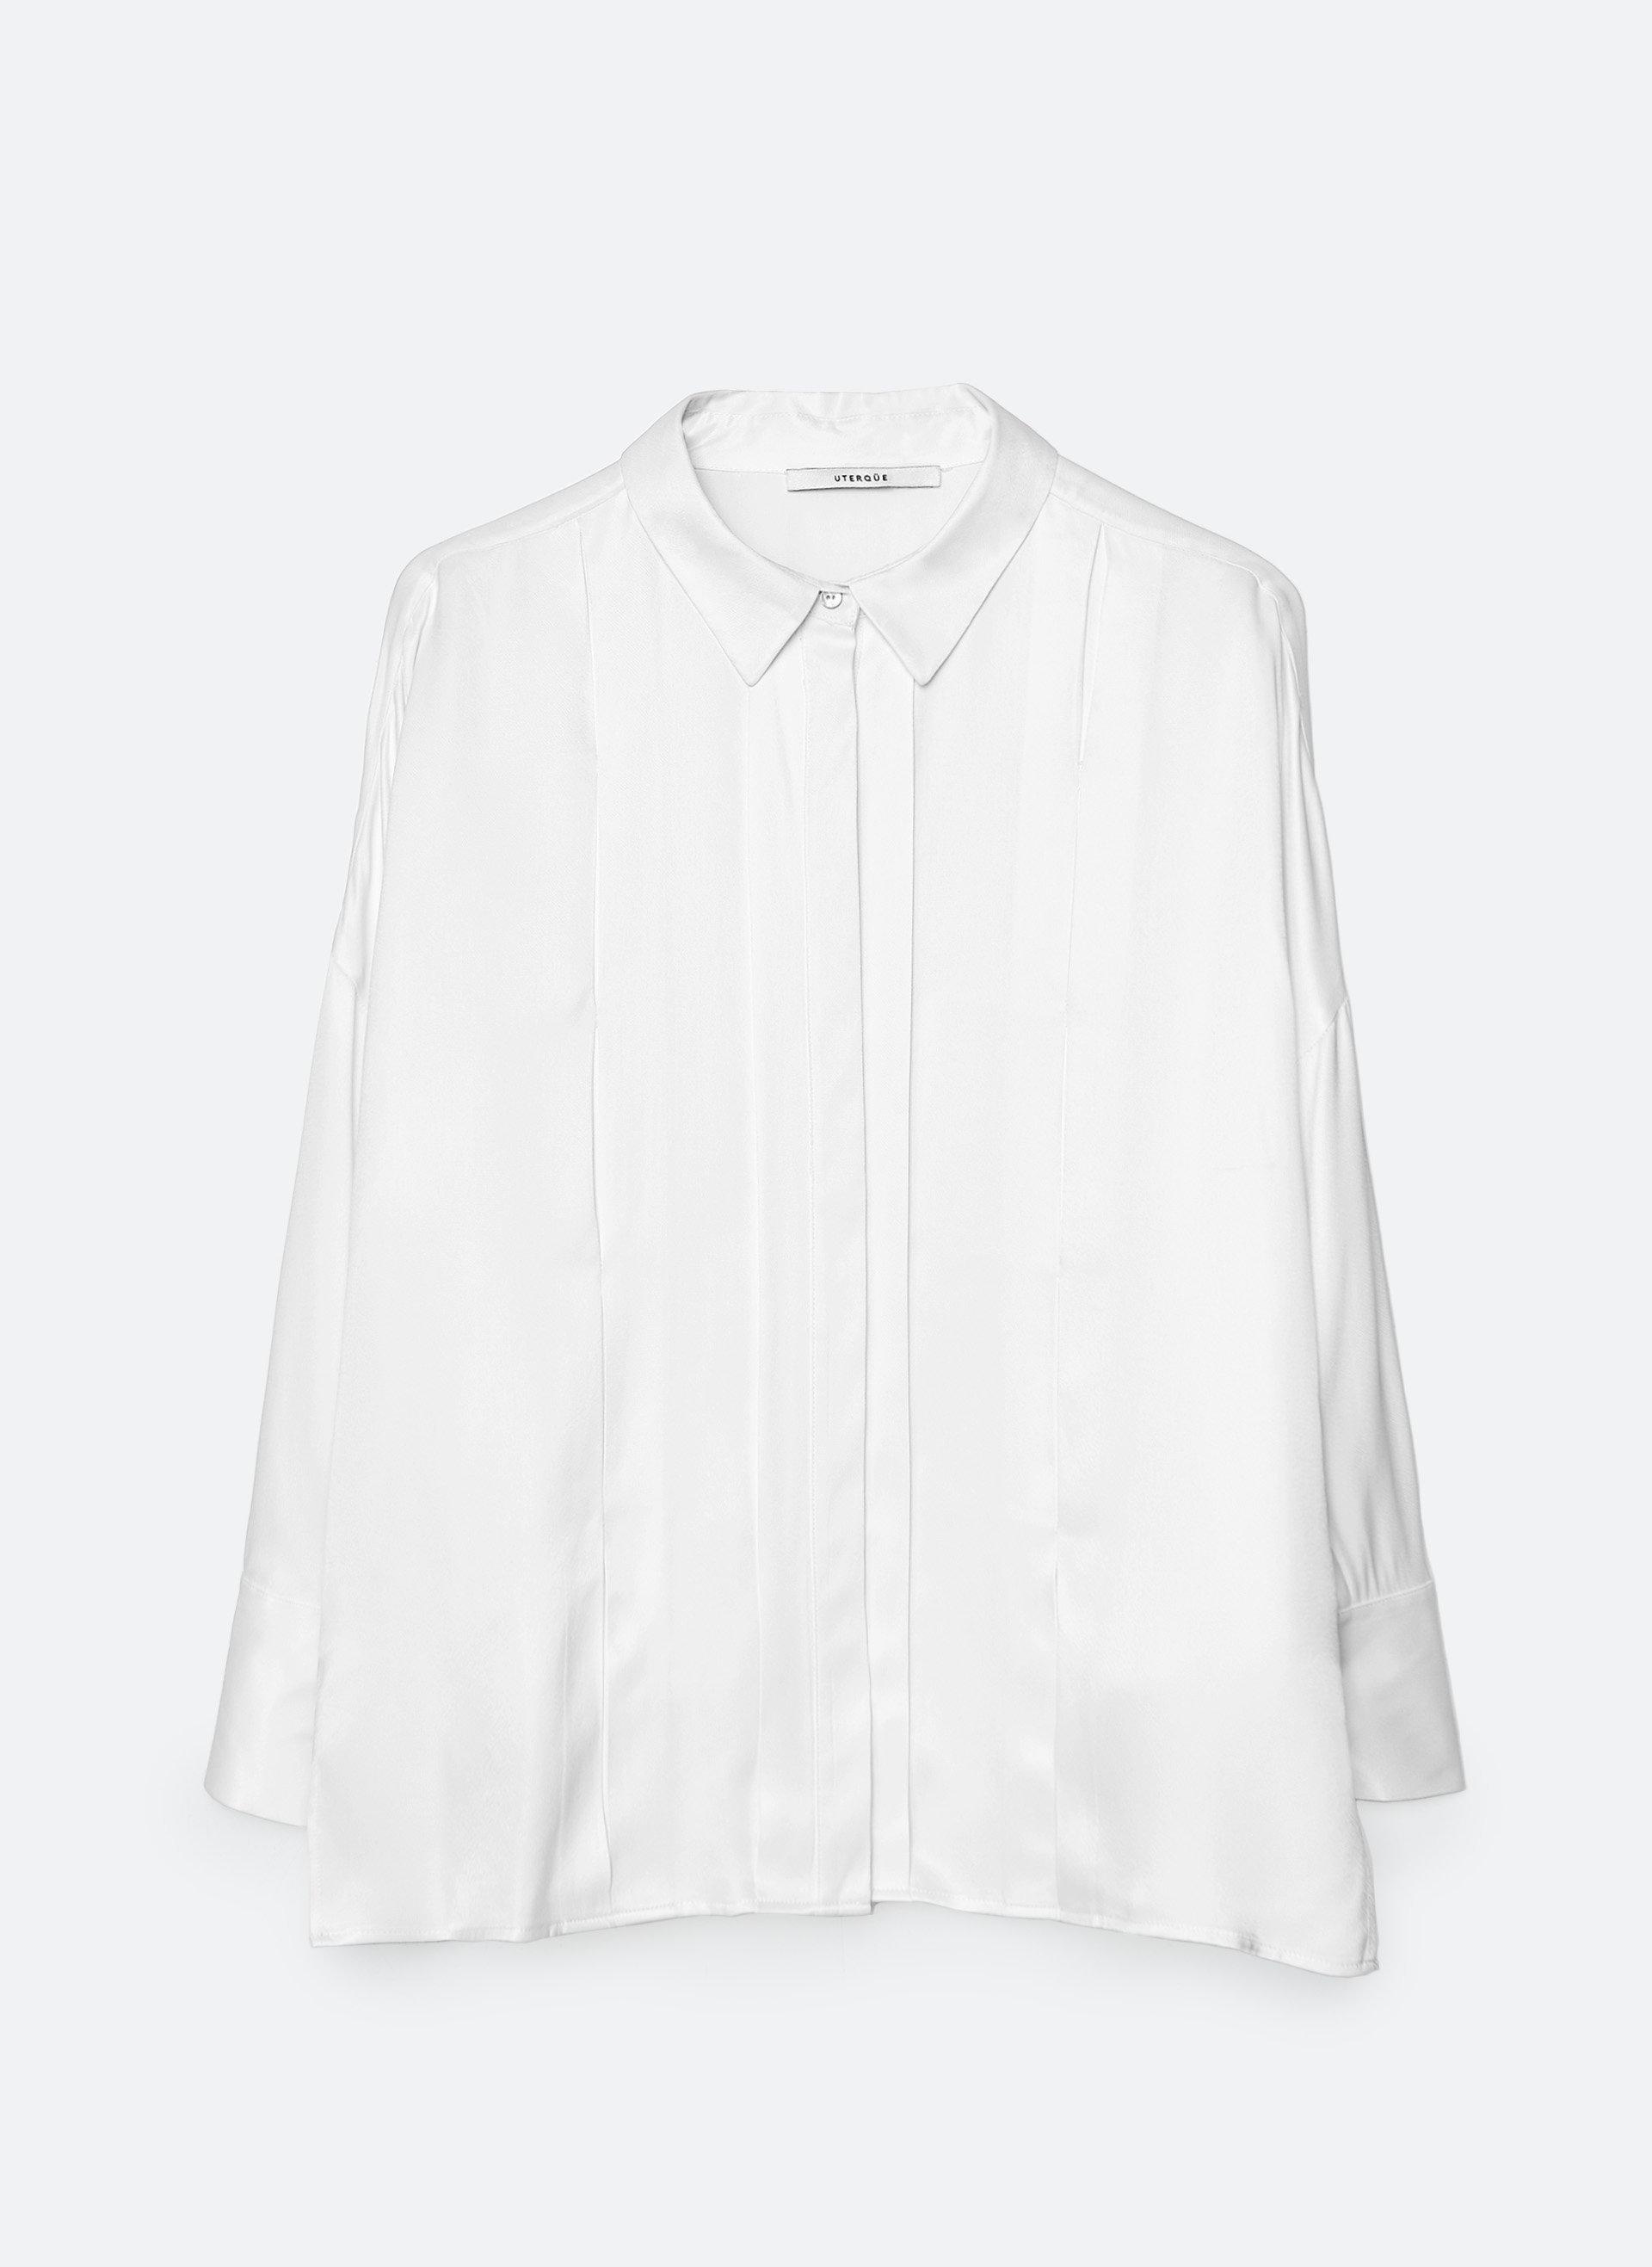 Camisa de Uterqüe (35,95 euros).